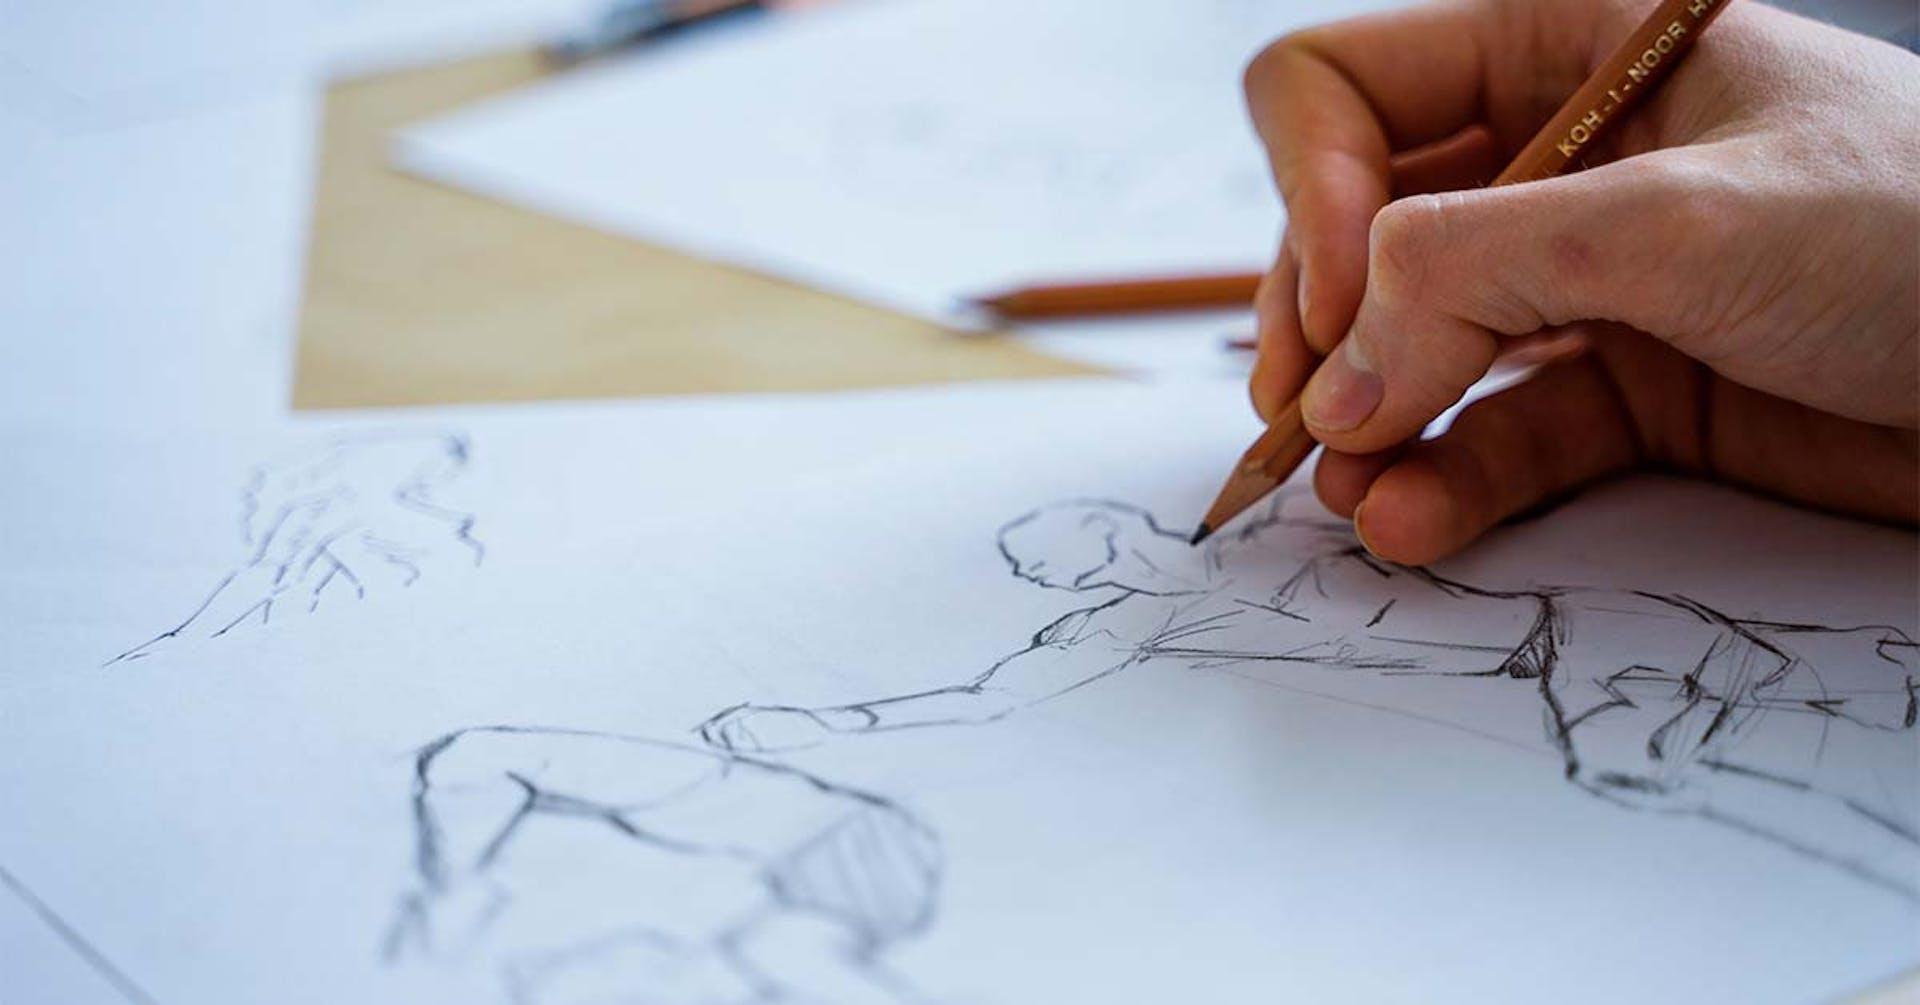 ¿Qué necesito para empezar a dibujar? ¡Aprende a ilustrar como los dioses!